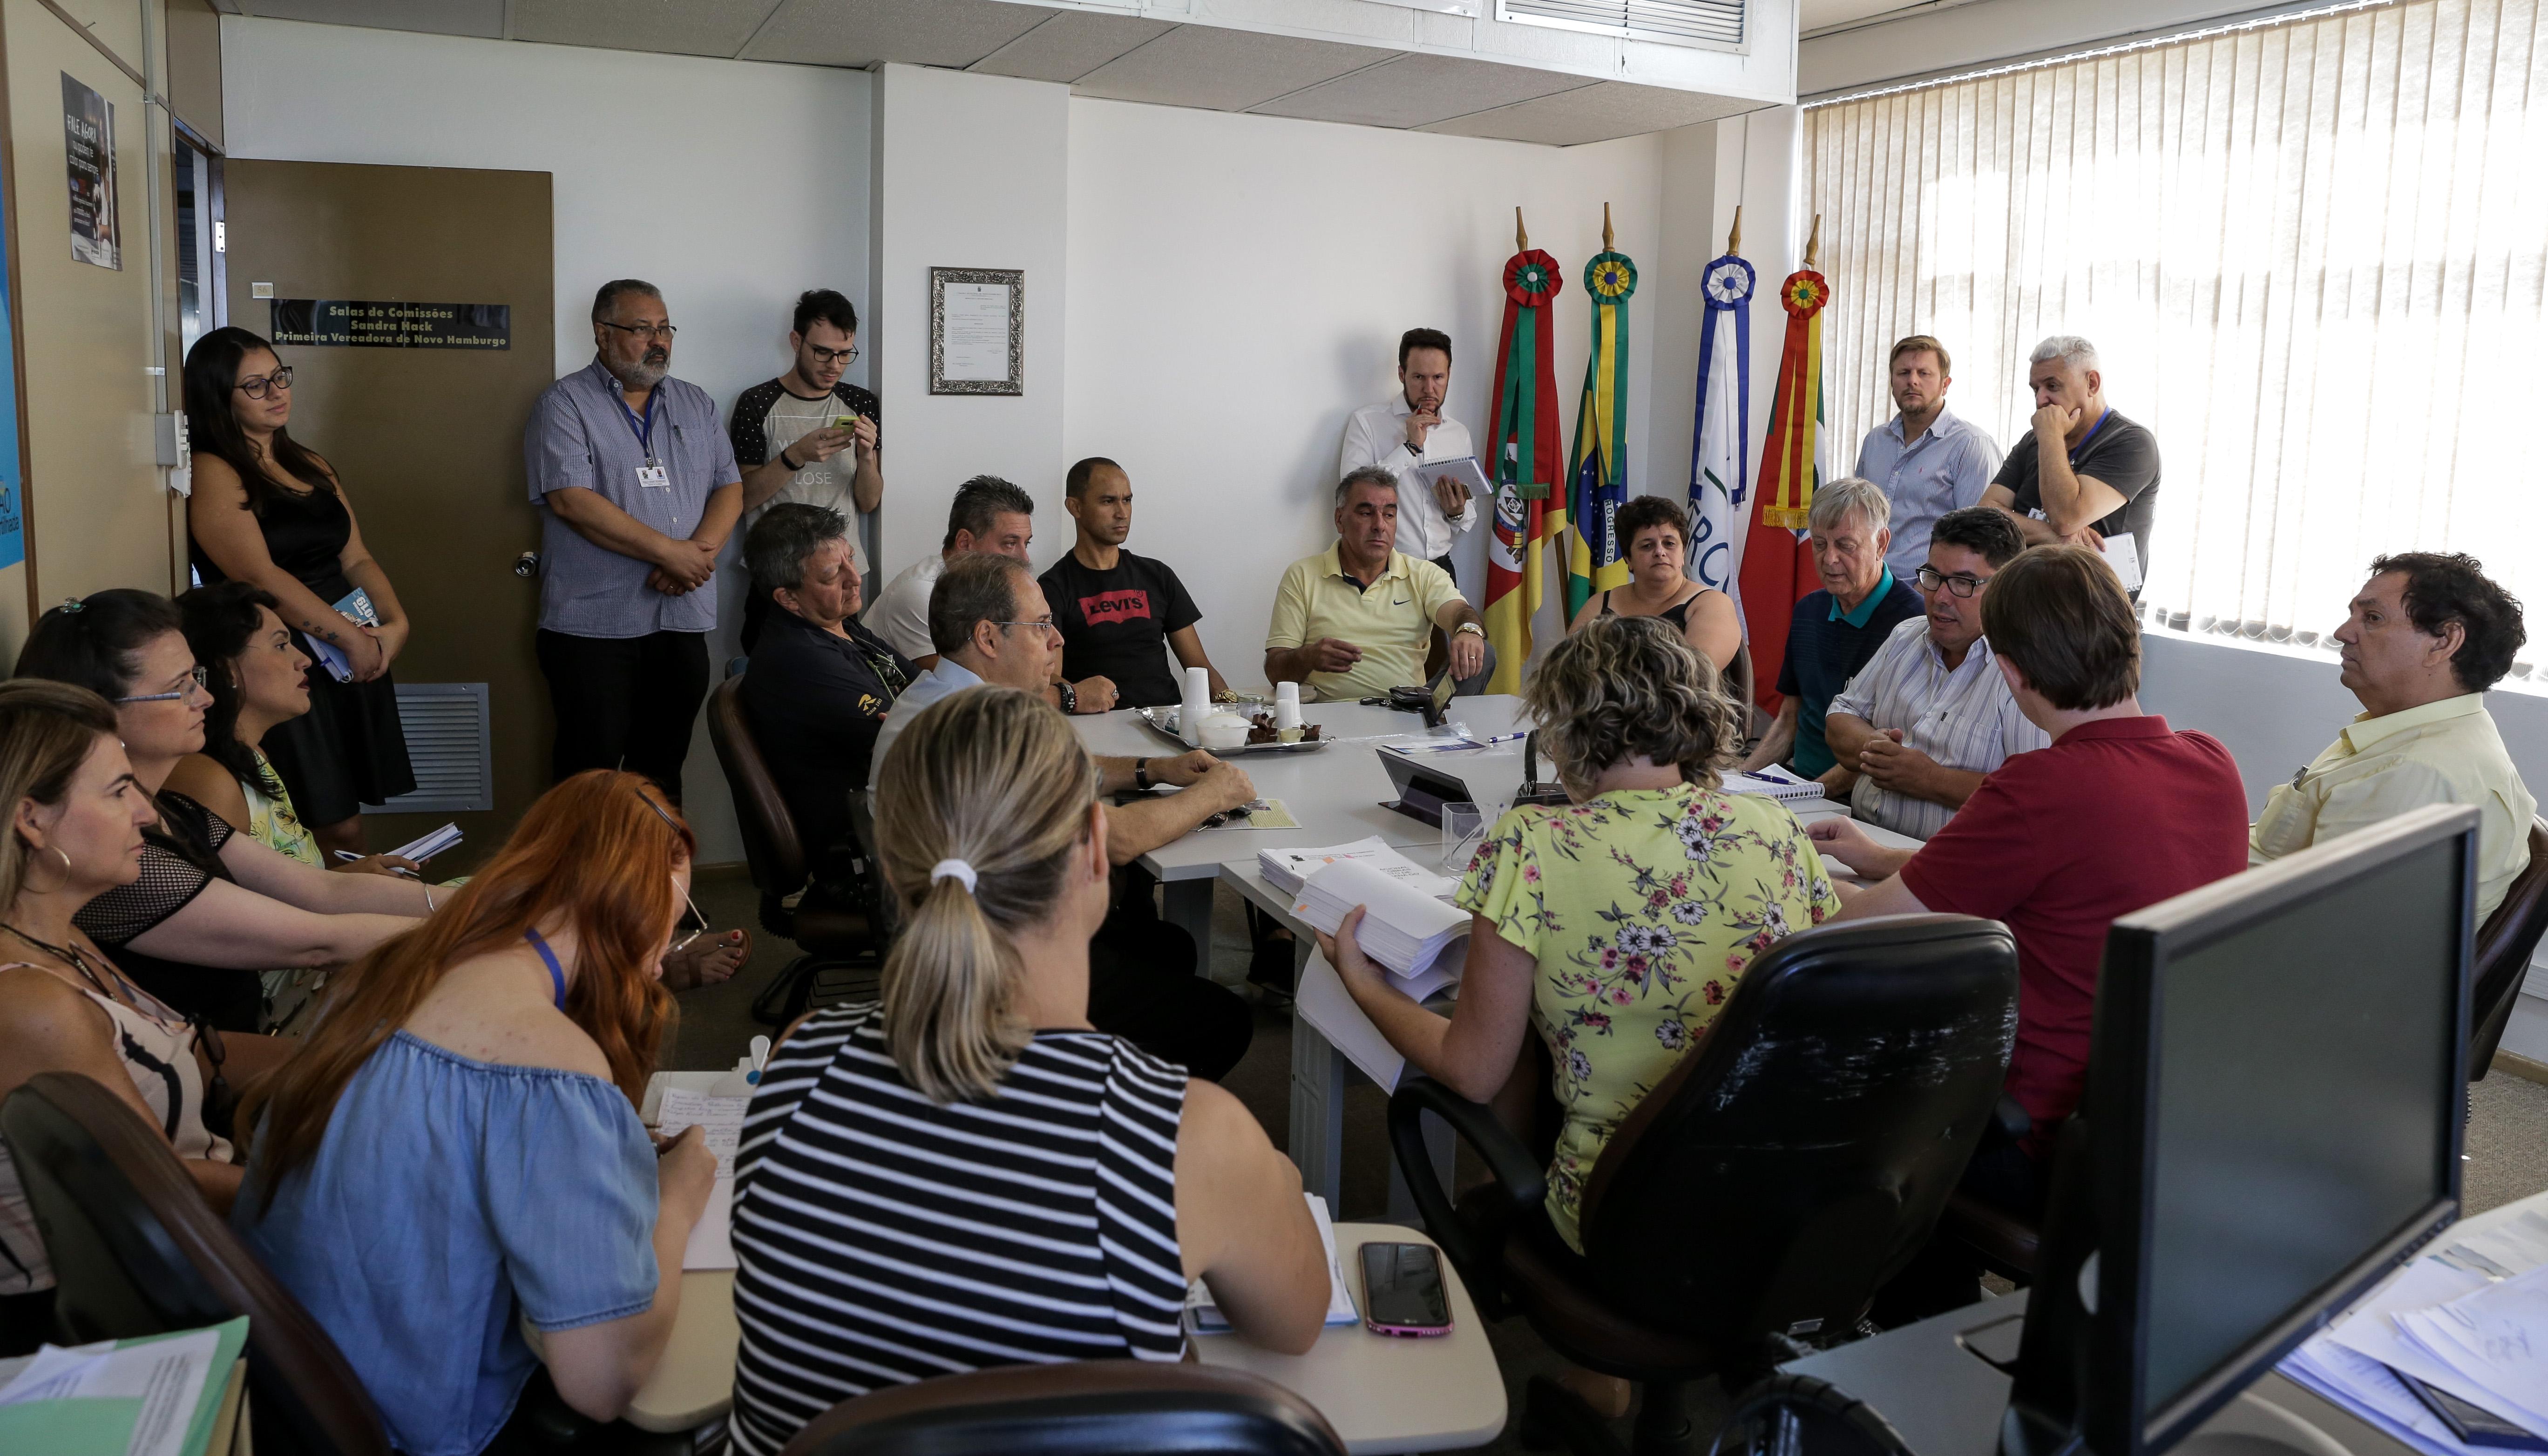 Obras no Centro: reunião define ato de protesto e nova fiscalização dos parlamentares